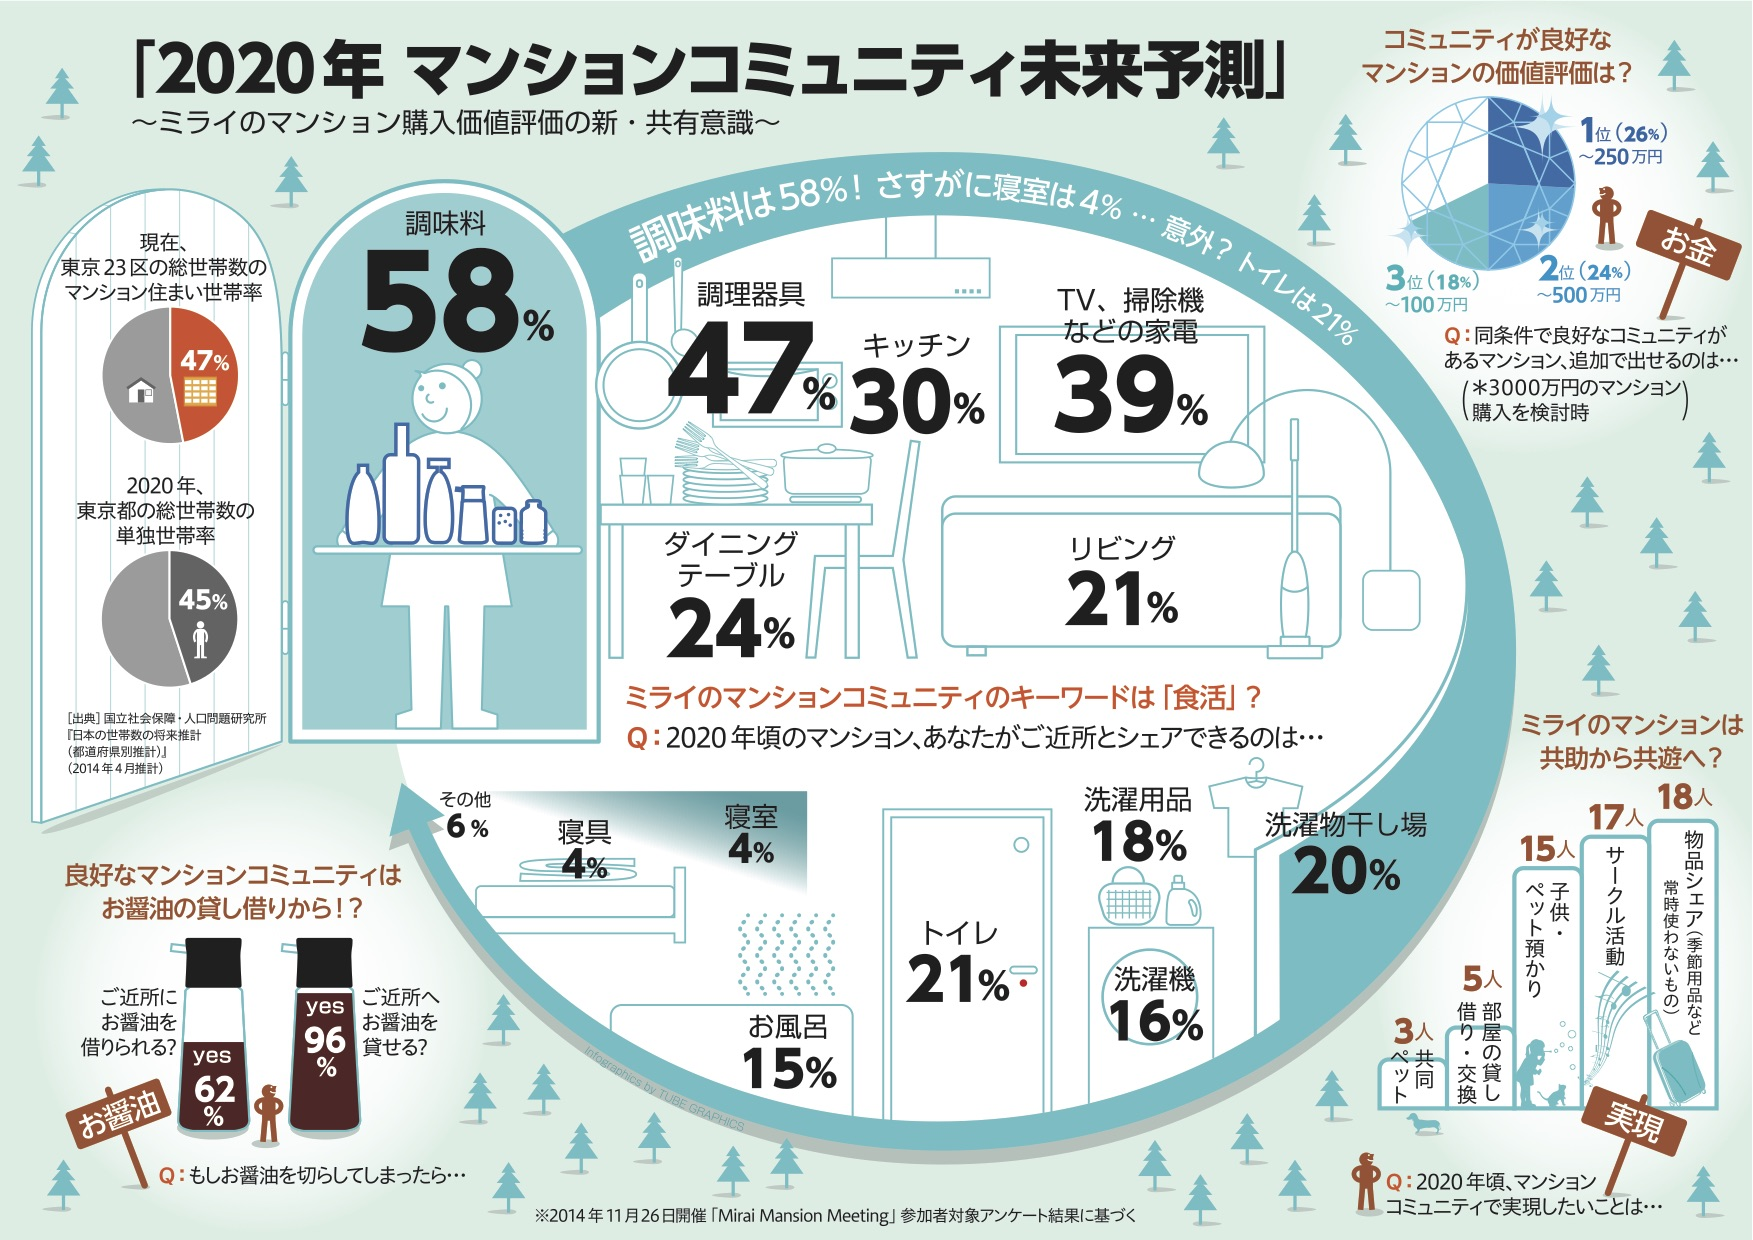 インフォグラフィック:未来のマンションはシェアする物件。コミュニティが進化する